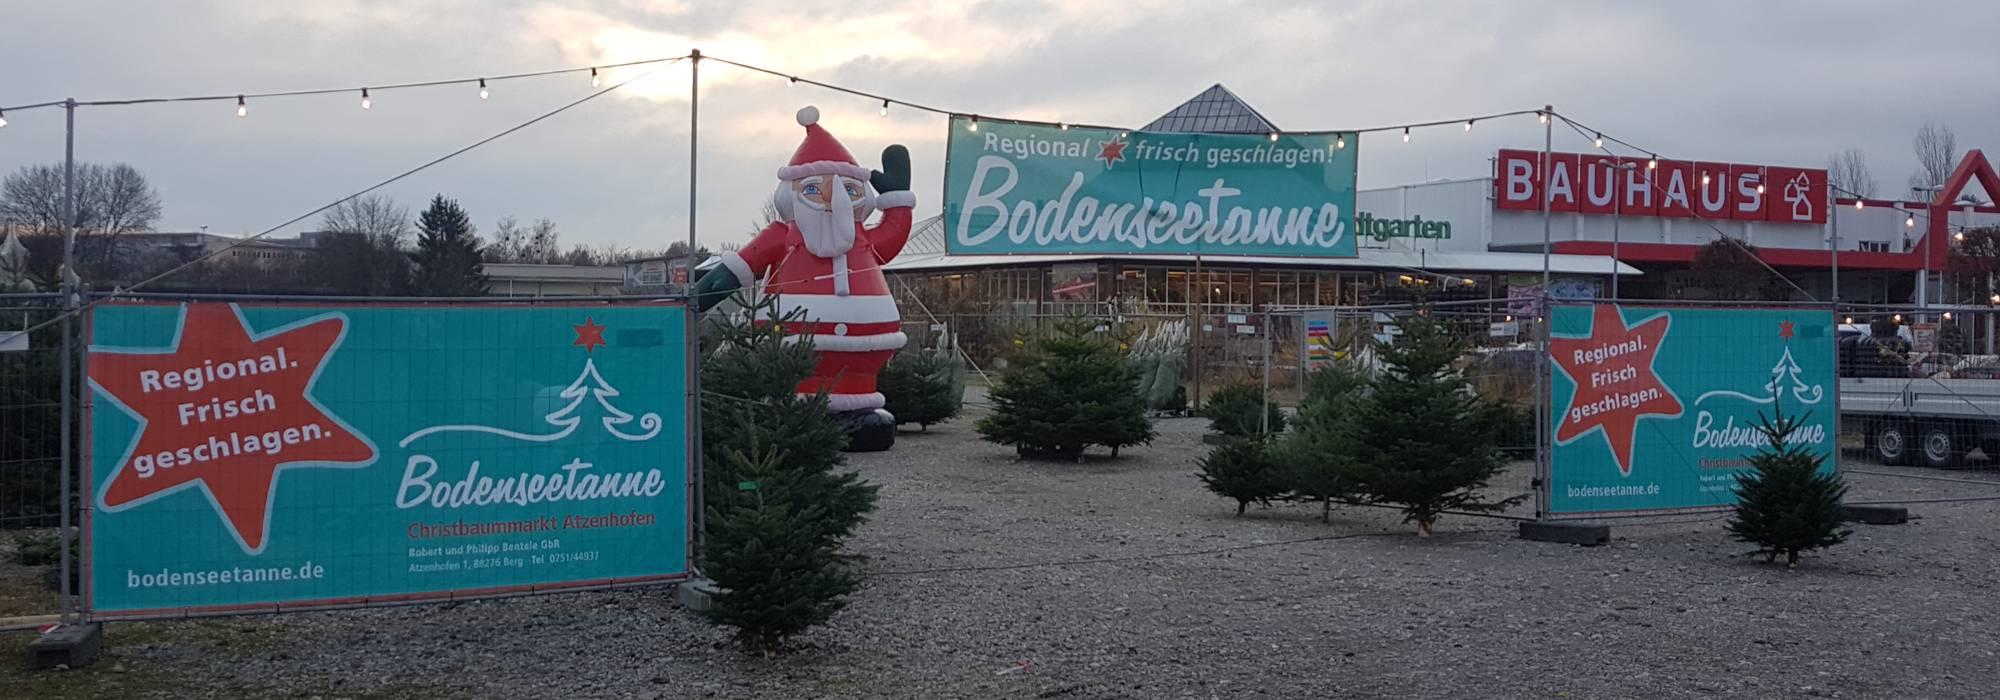 Bauhaus Ravensburg öffnungszeiten : anfahrt atzenhofen bodenseetanne christbaummarkt atzenhofen der eventbauer ~ Watch28wear.com Haus und Dekorationen